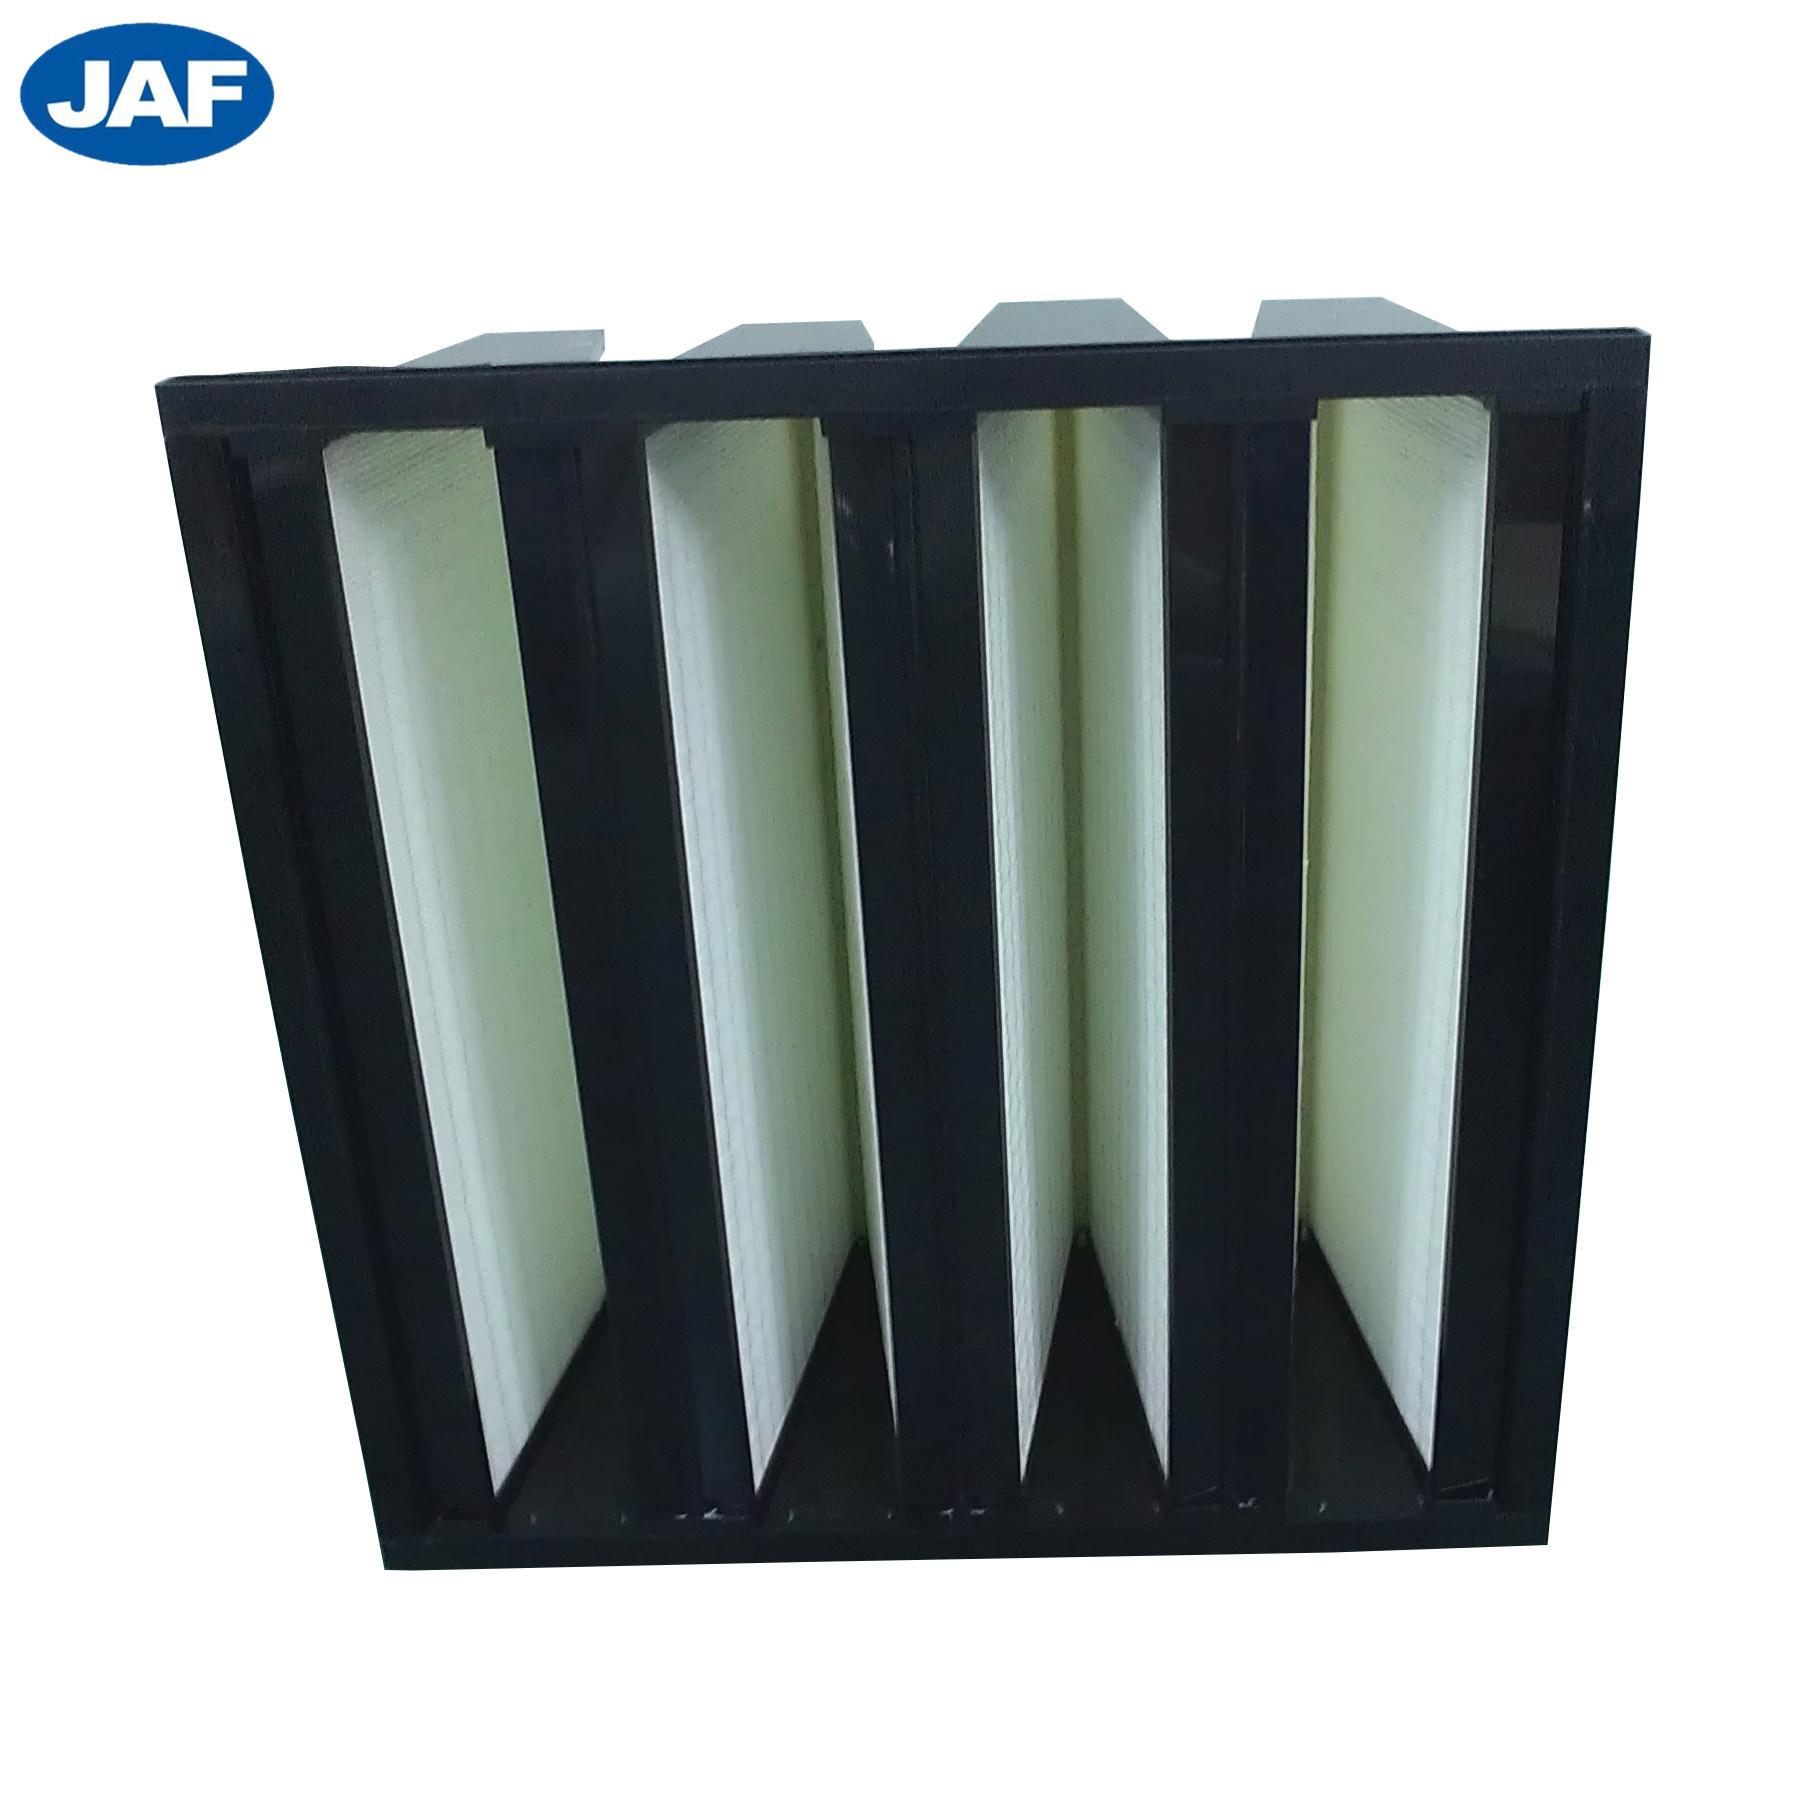 الصين المصنع السعر V - بنك الإطار البلاستيك مرشح الهواء المضغوط